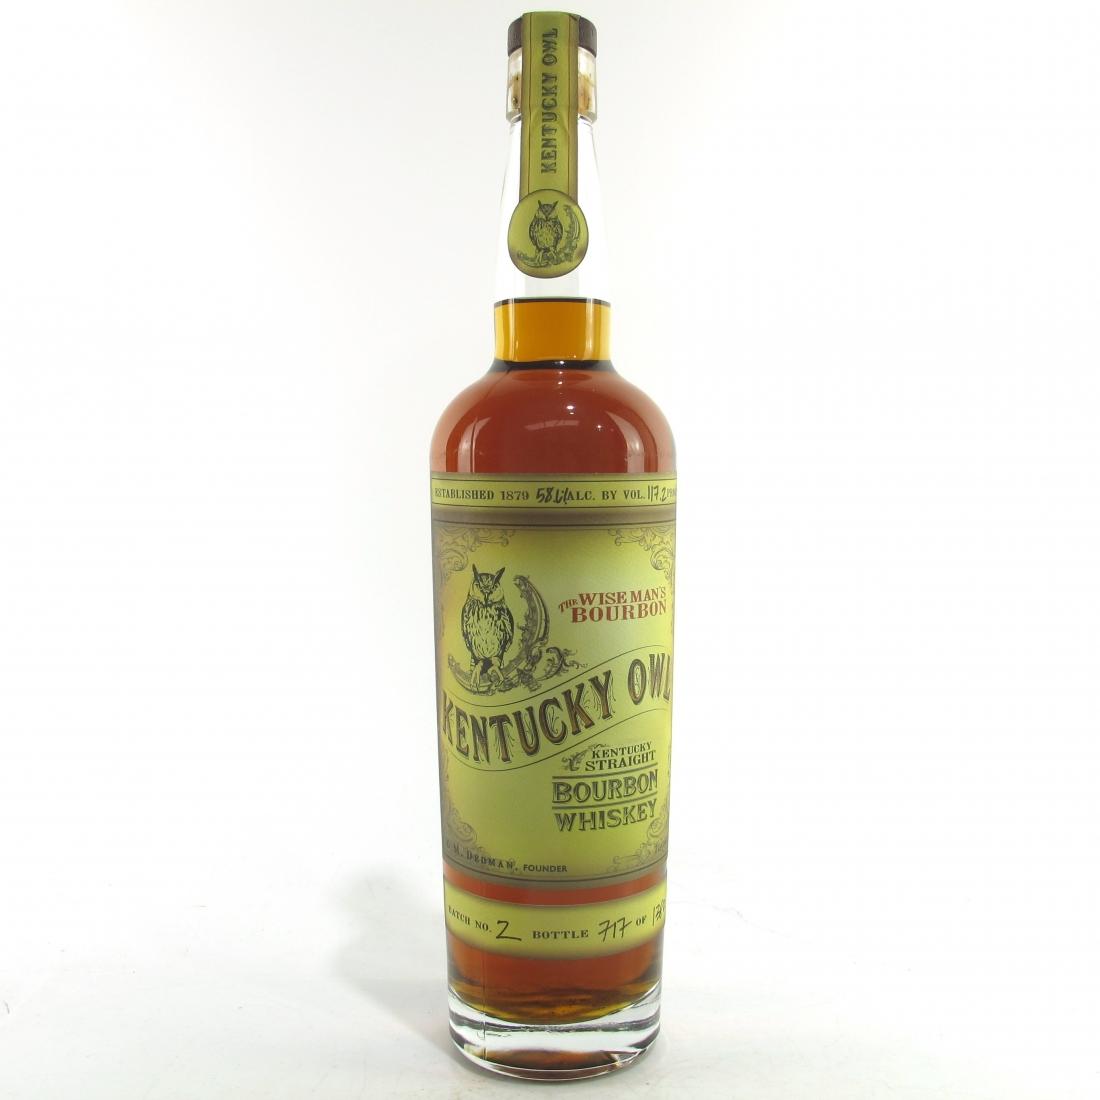 Kentucky Owl Straight Bourbon Batch #2